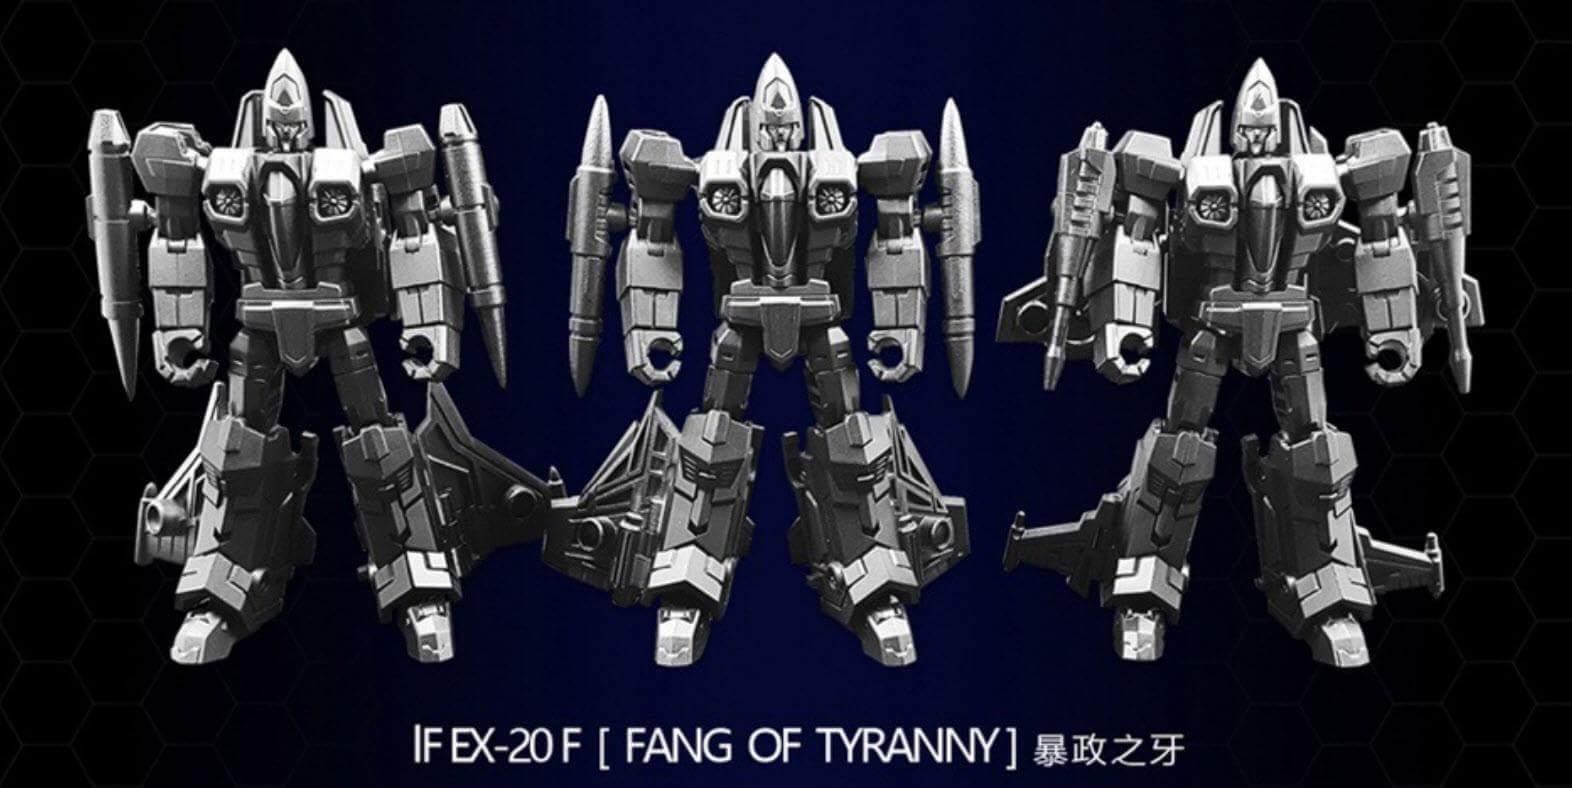 [Iron Factory] Produit Tiers - Jouets TF - de la Gamme IF-EX - des BD TF d'IDW - Page 3 L1aN3hZw